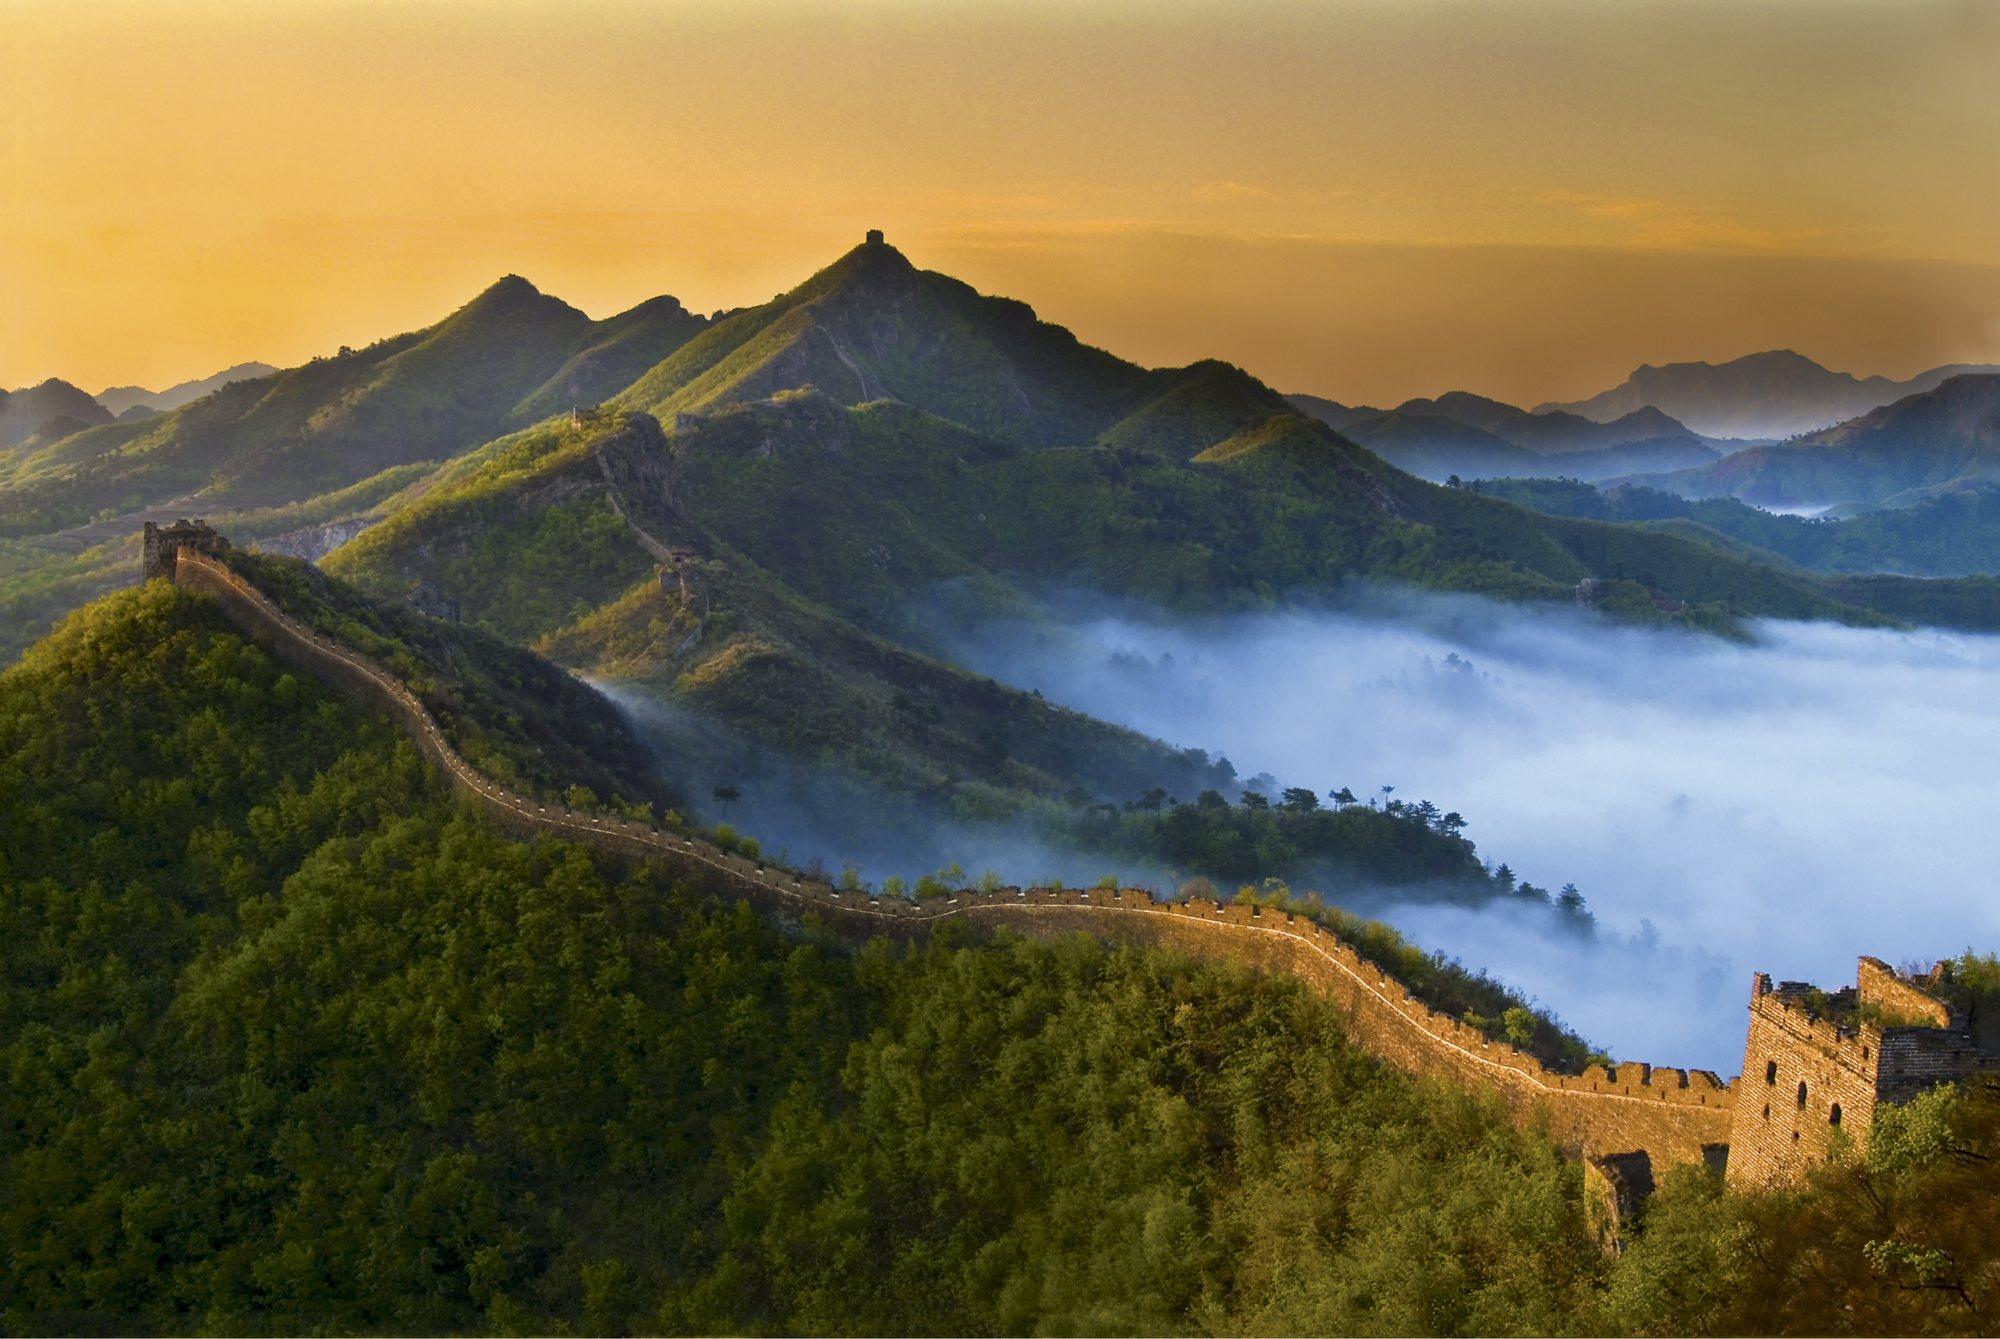 """Esta muralla atraviesa las montañas escarpadas del norte de China, a lo largo de 6.700 Kilómetros. Su construcción se inició en el período de las Primaveras y Otoños y de los Estados Combatientes. Es una obra antigua de defensa militar, difícil de encontrar en la historia arquitectónica humana. Elogiada como la """"octava maravilla del mundo"""", ha sido incluida por la UNESCO en el catálogo de patrimonio cultural mundial."""